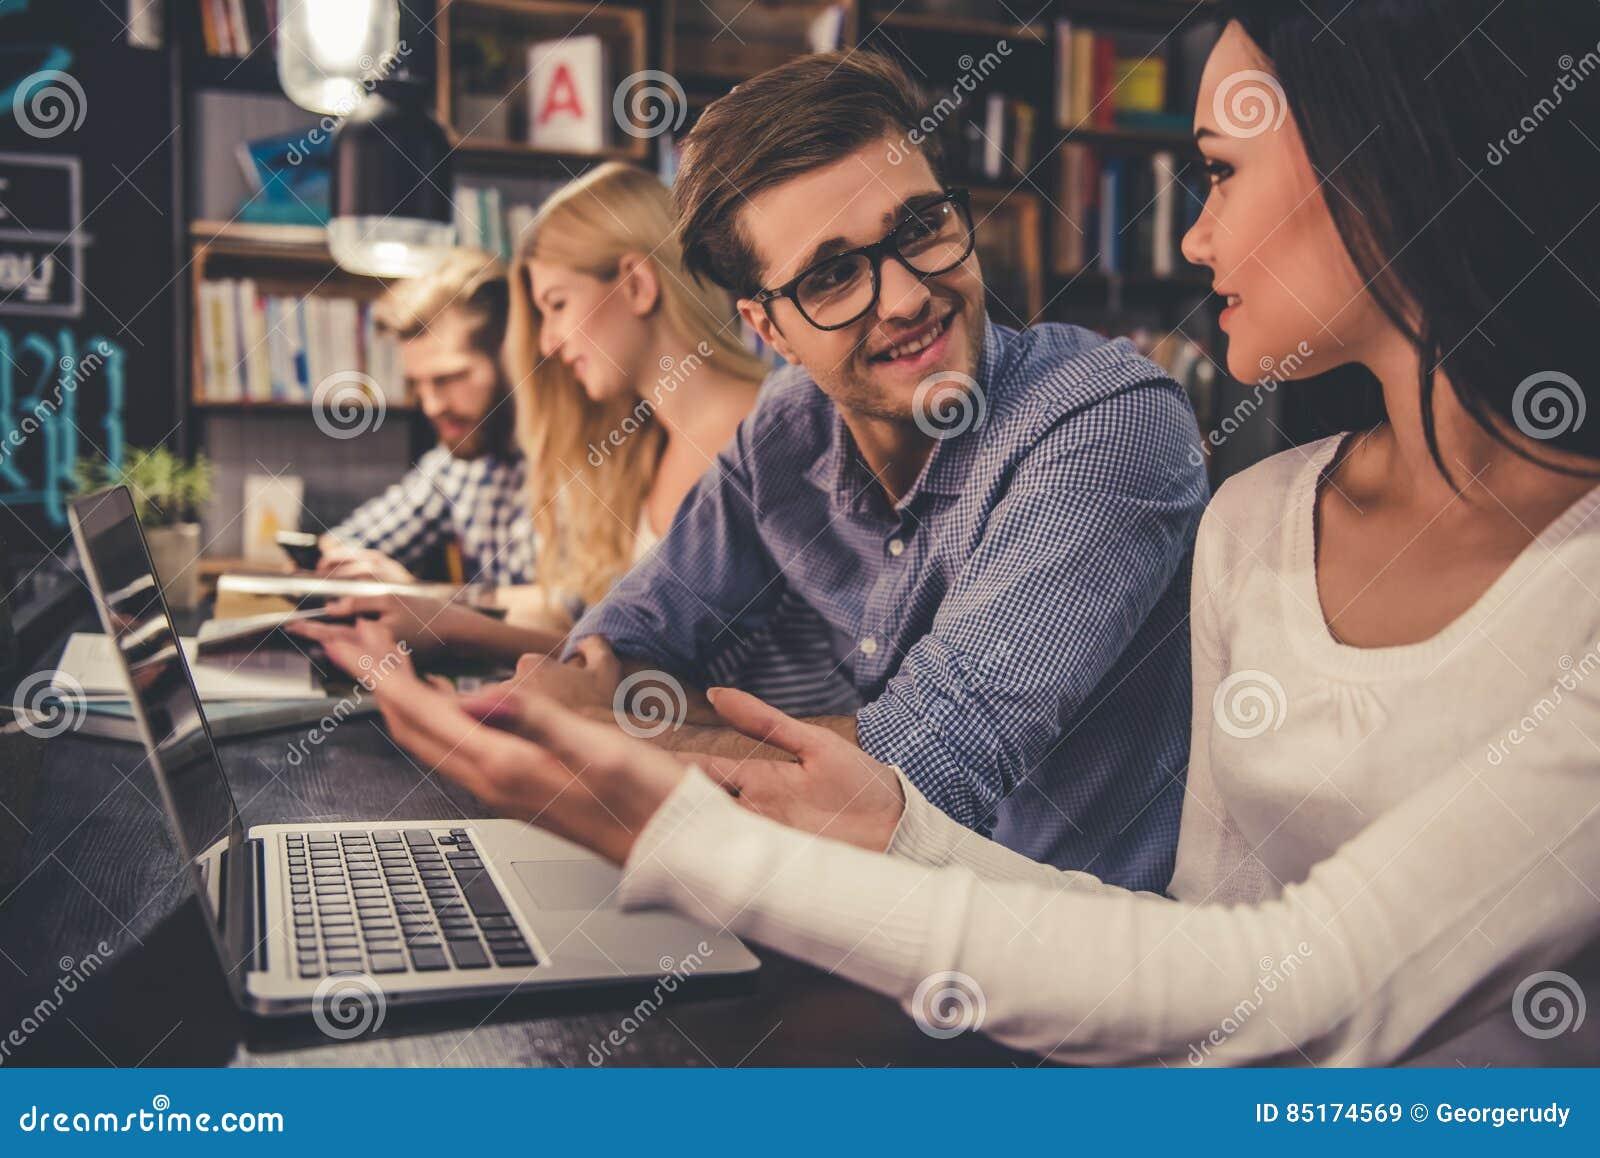 Gente joven en la biblioteca